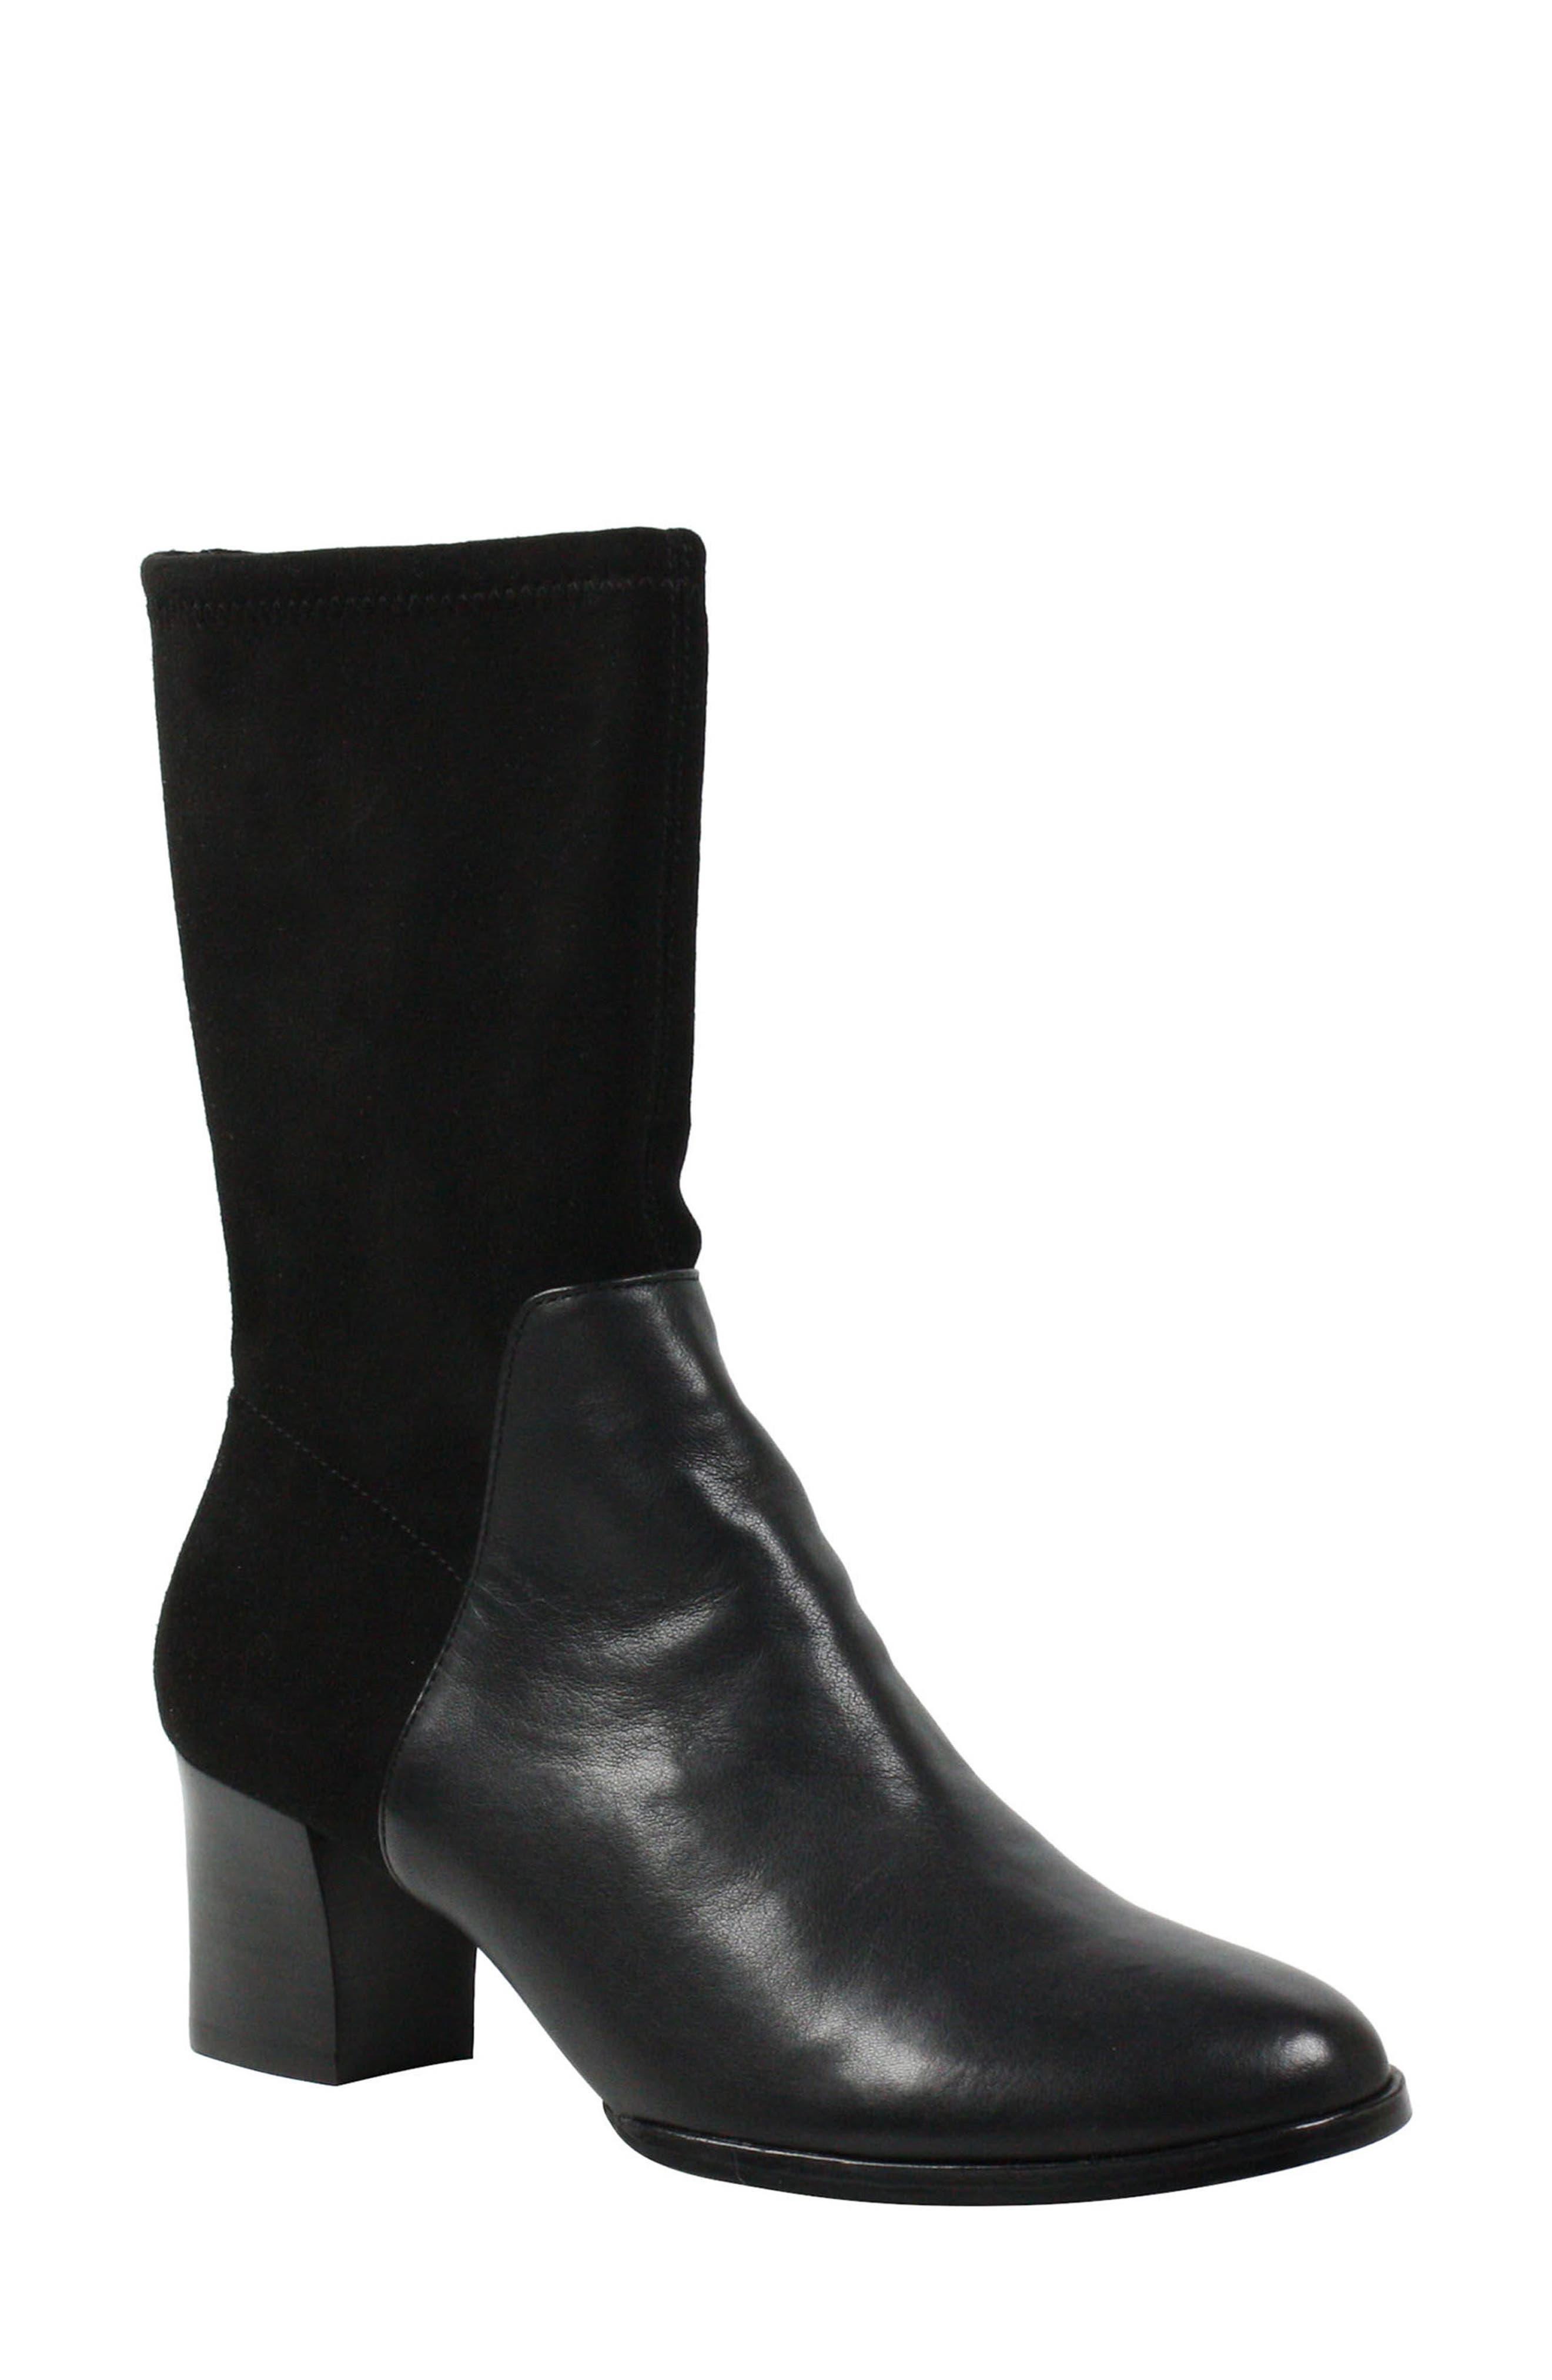 Pasublo Bootie,                         Main,                         color, Black Leather